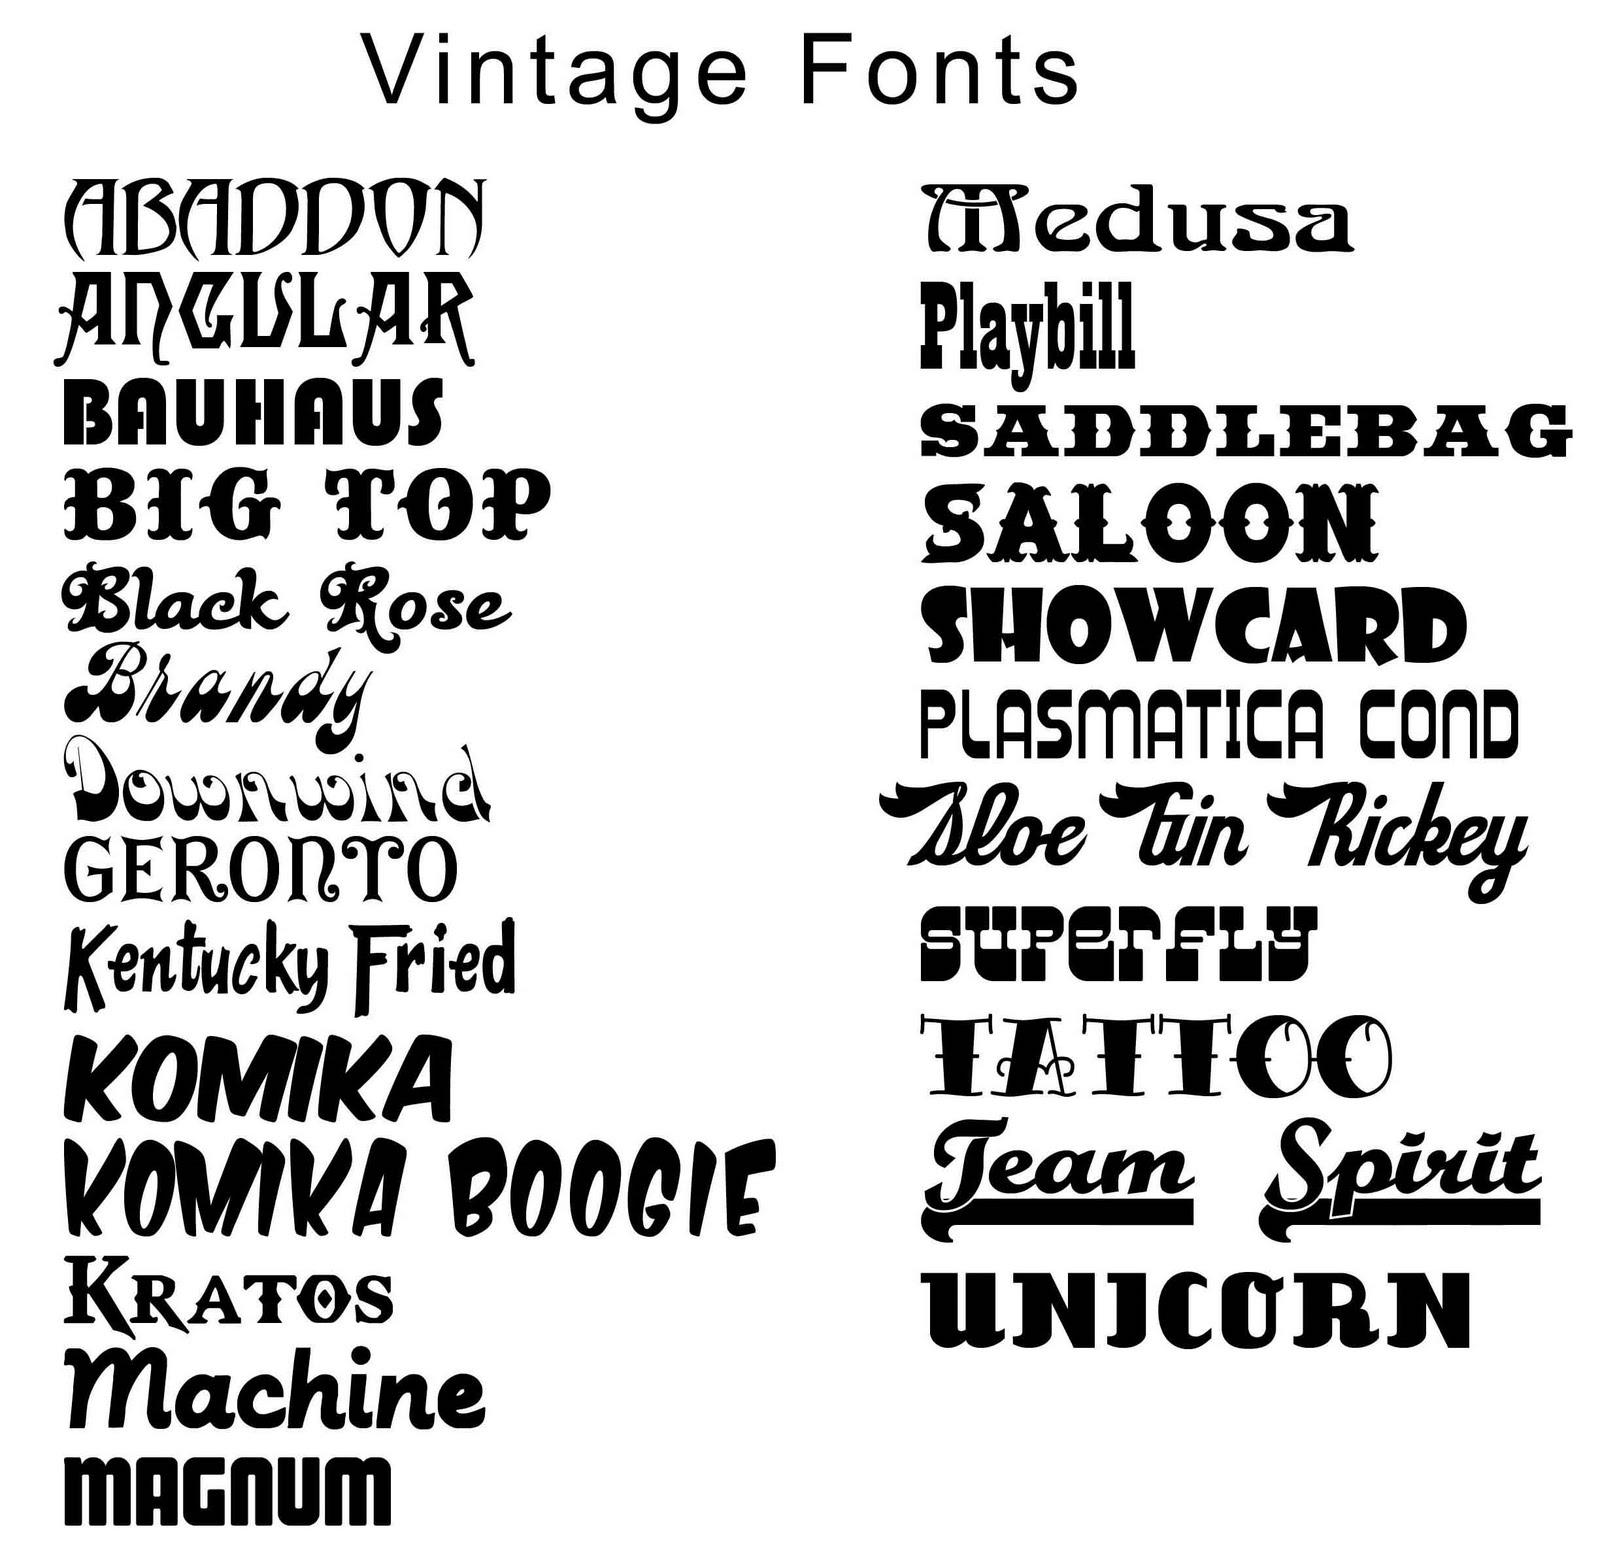 13 Automotive Retro Fonts Images - Chrome Text Effect